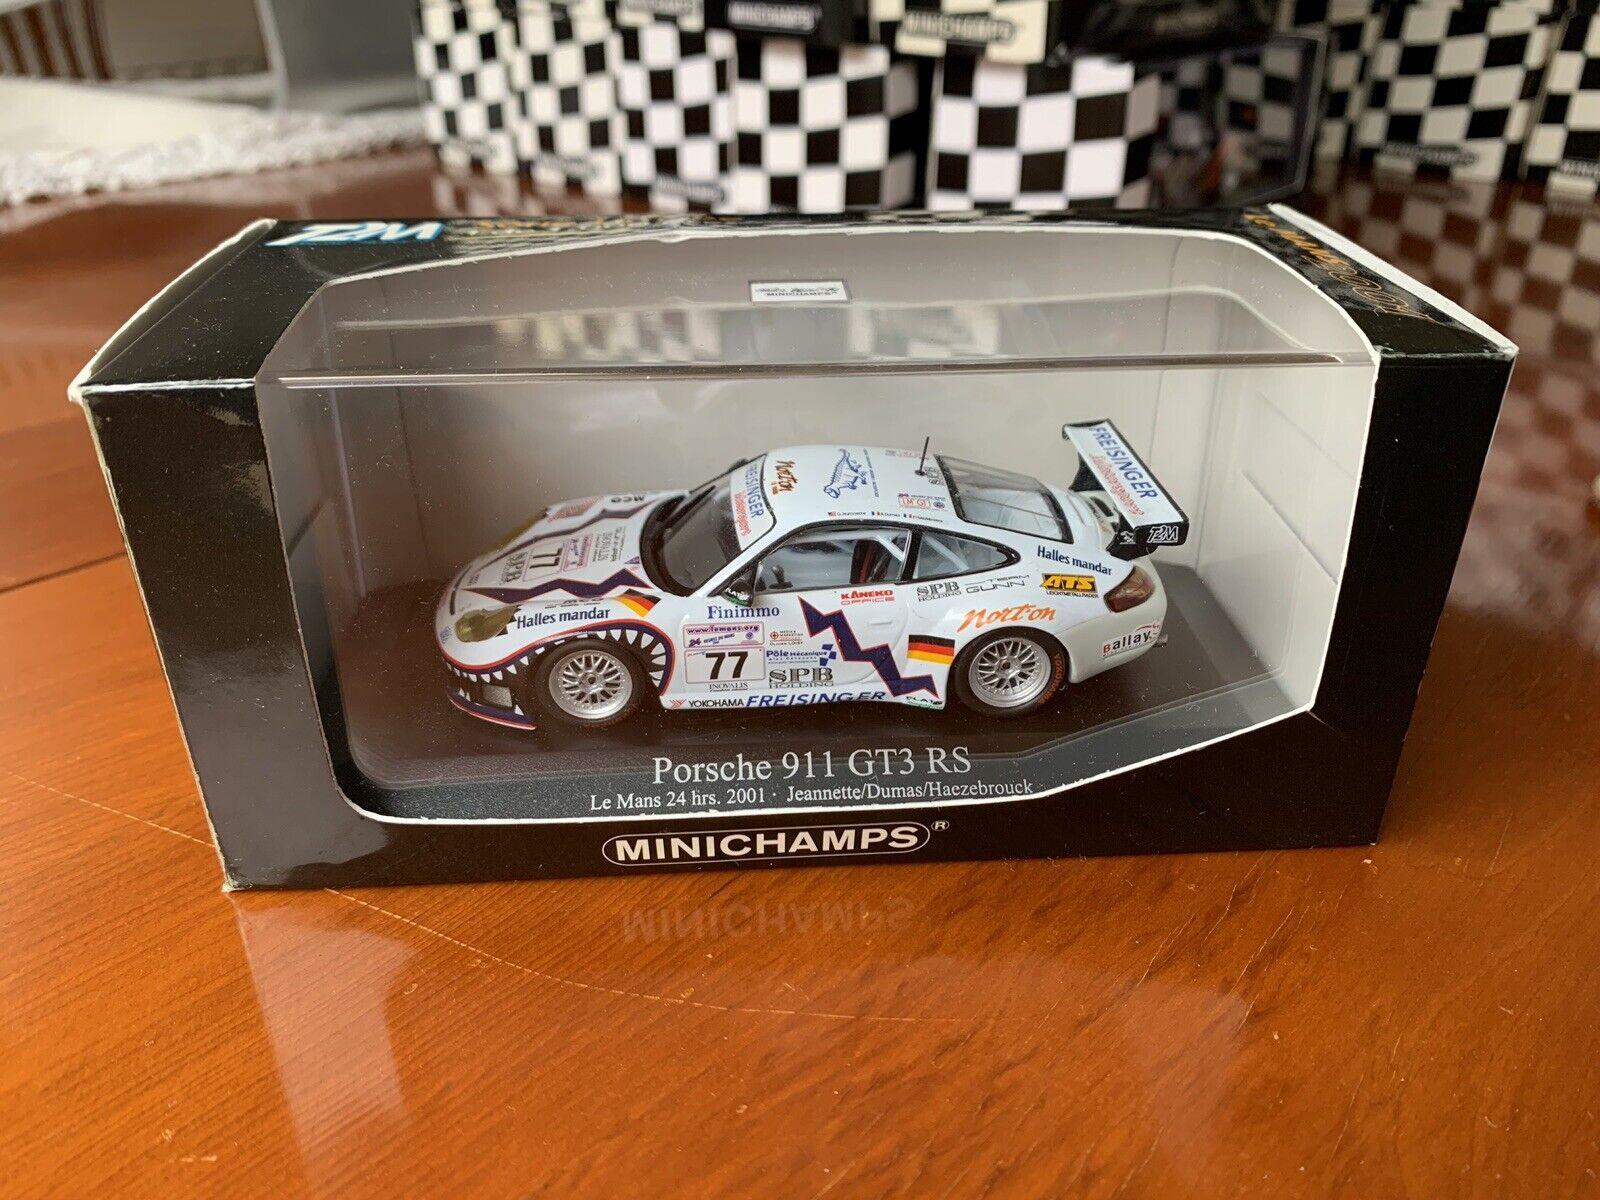 Minichamps T2M Porsche 911 GT3 RS, Le Mans 24 Hrs 2001, in 1 43 scale diecast